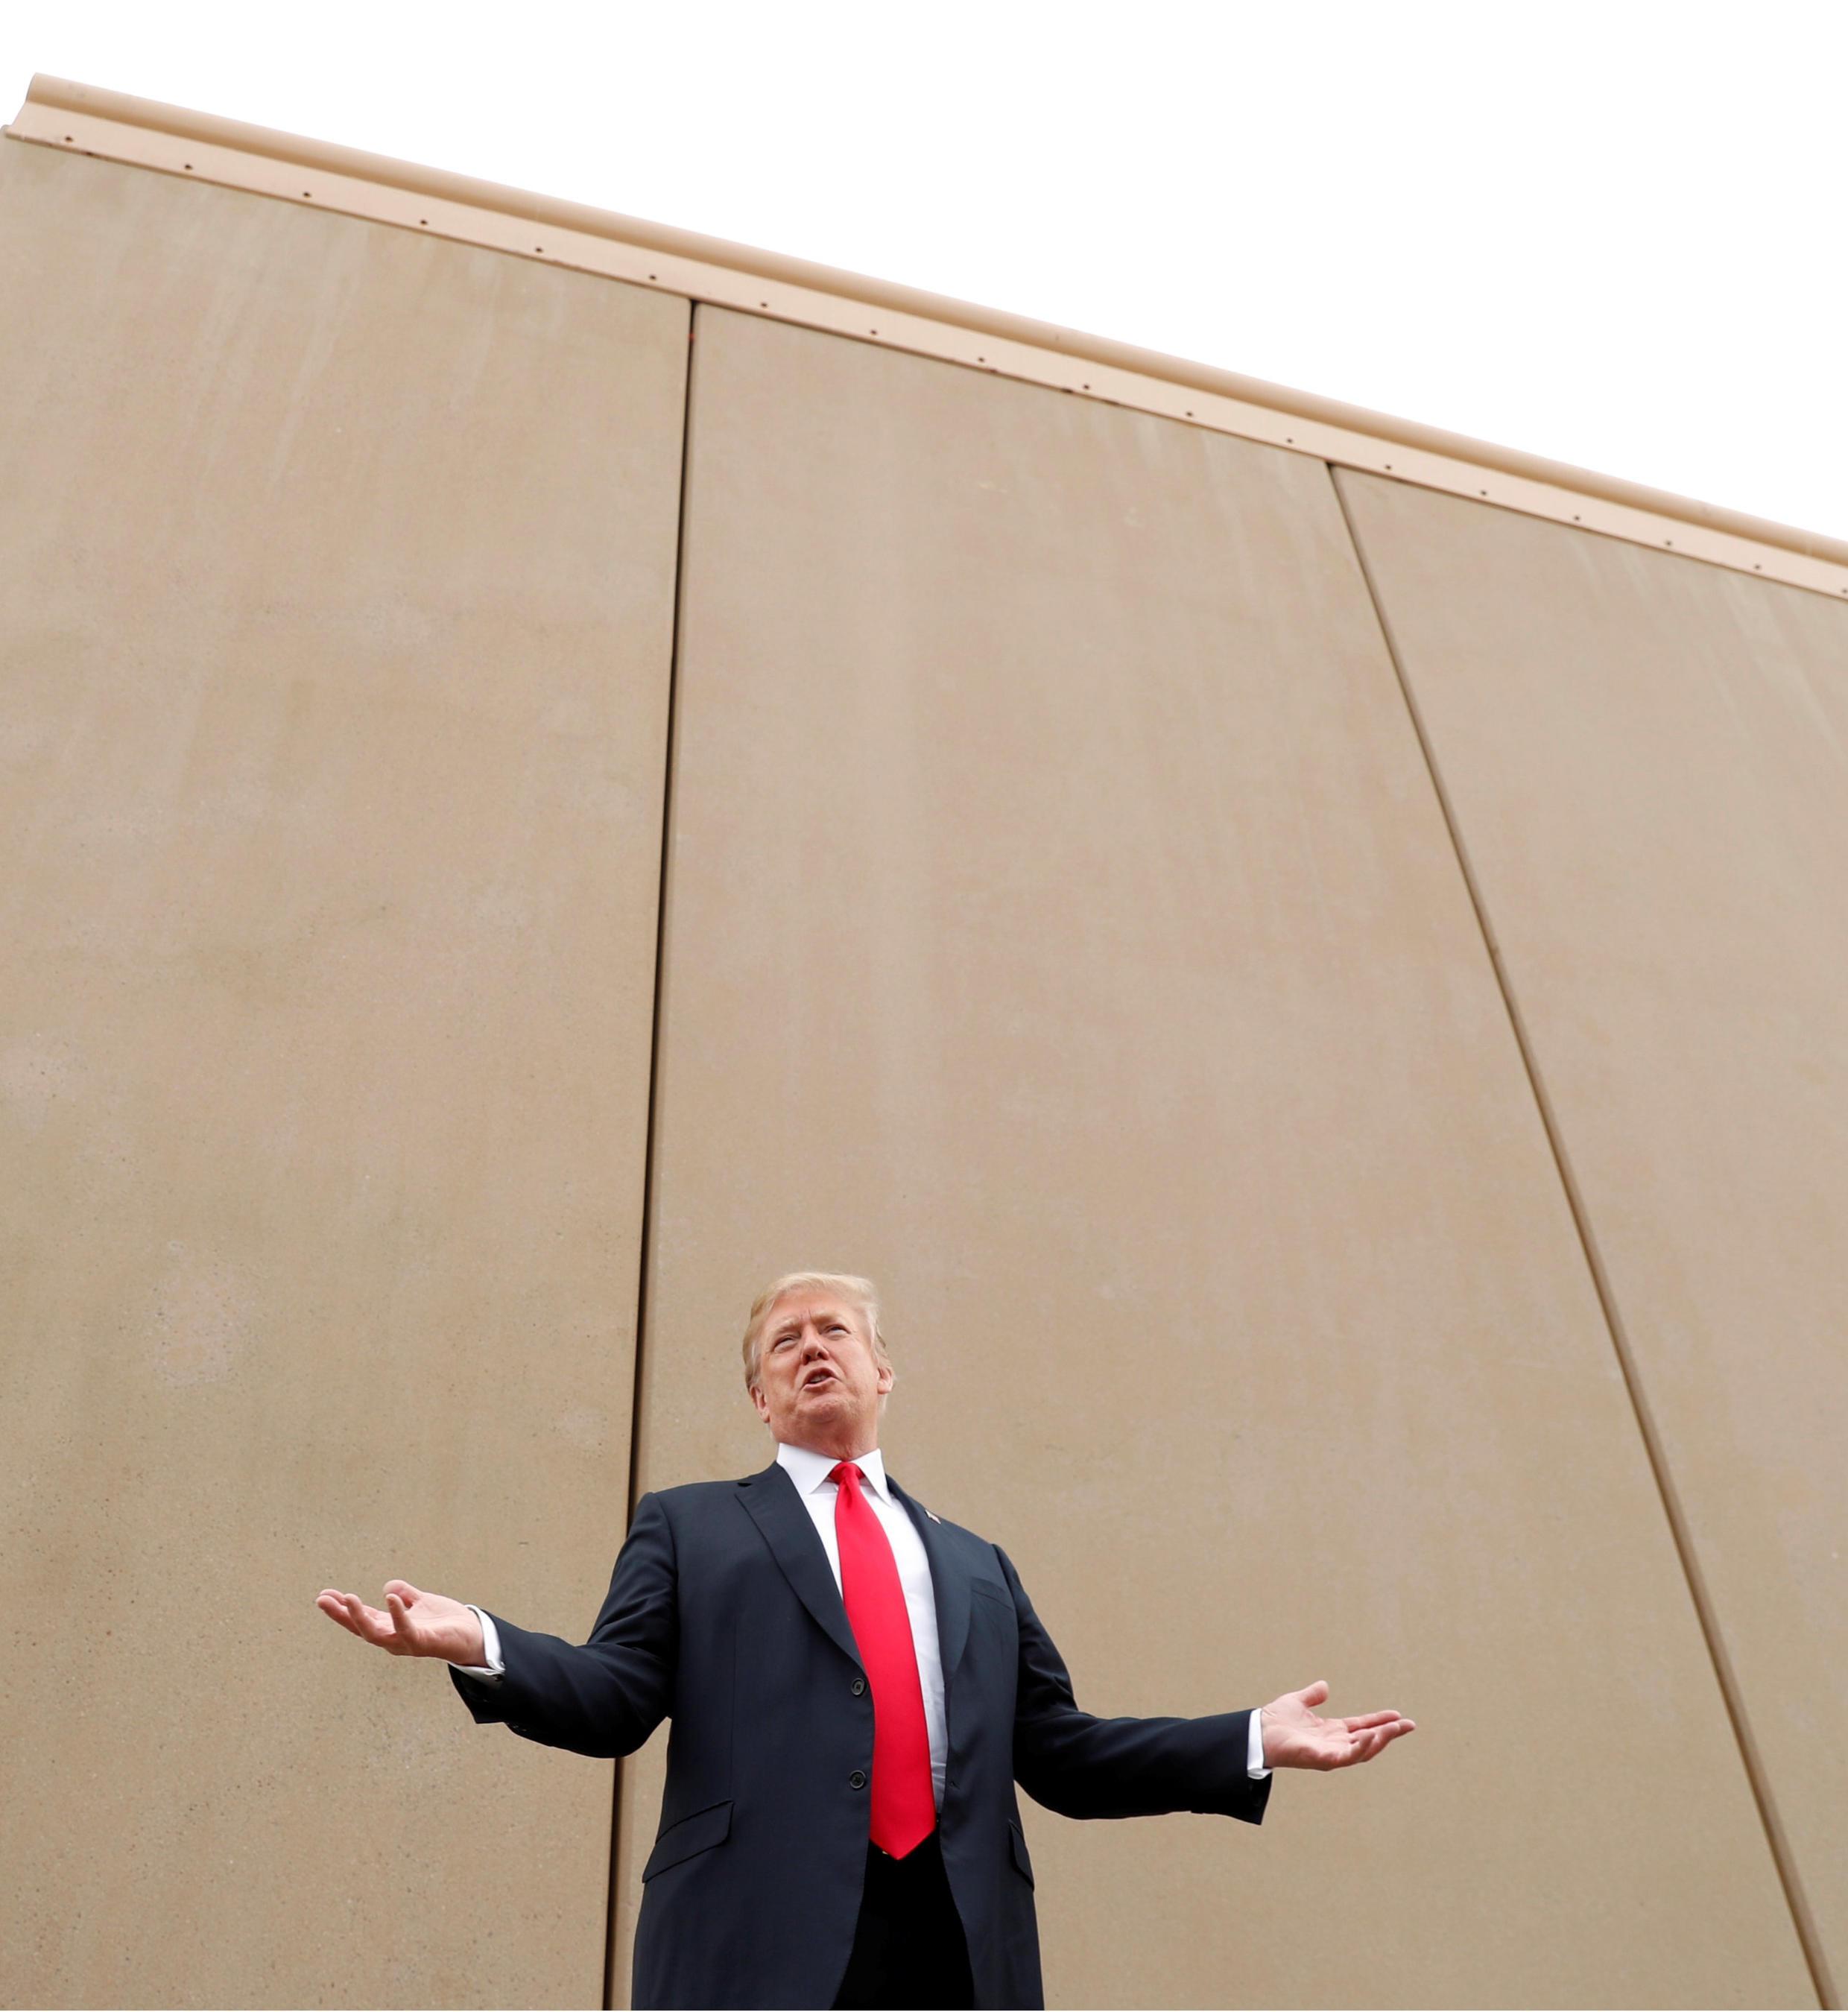 Tổng thống Trump trước hình mẫu bức tường mà ông muốn xây dựng ở biên giới với Mêhicô. Ảnh chụp tại San Diego, California, ngày 13/03/2018.